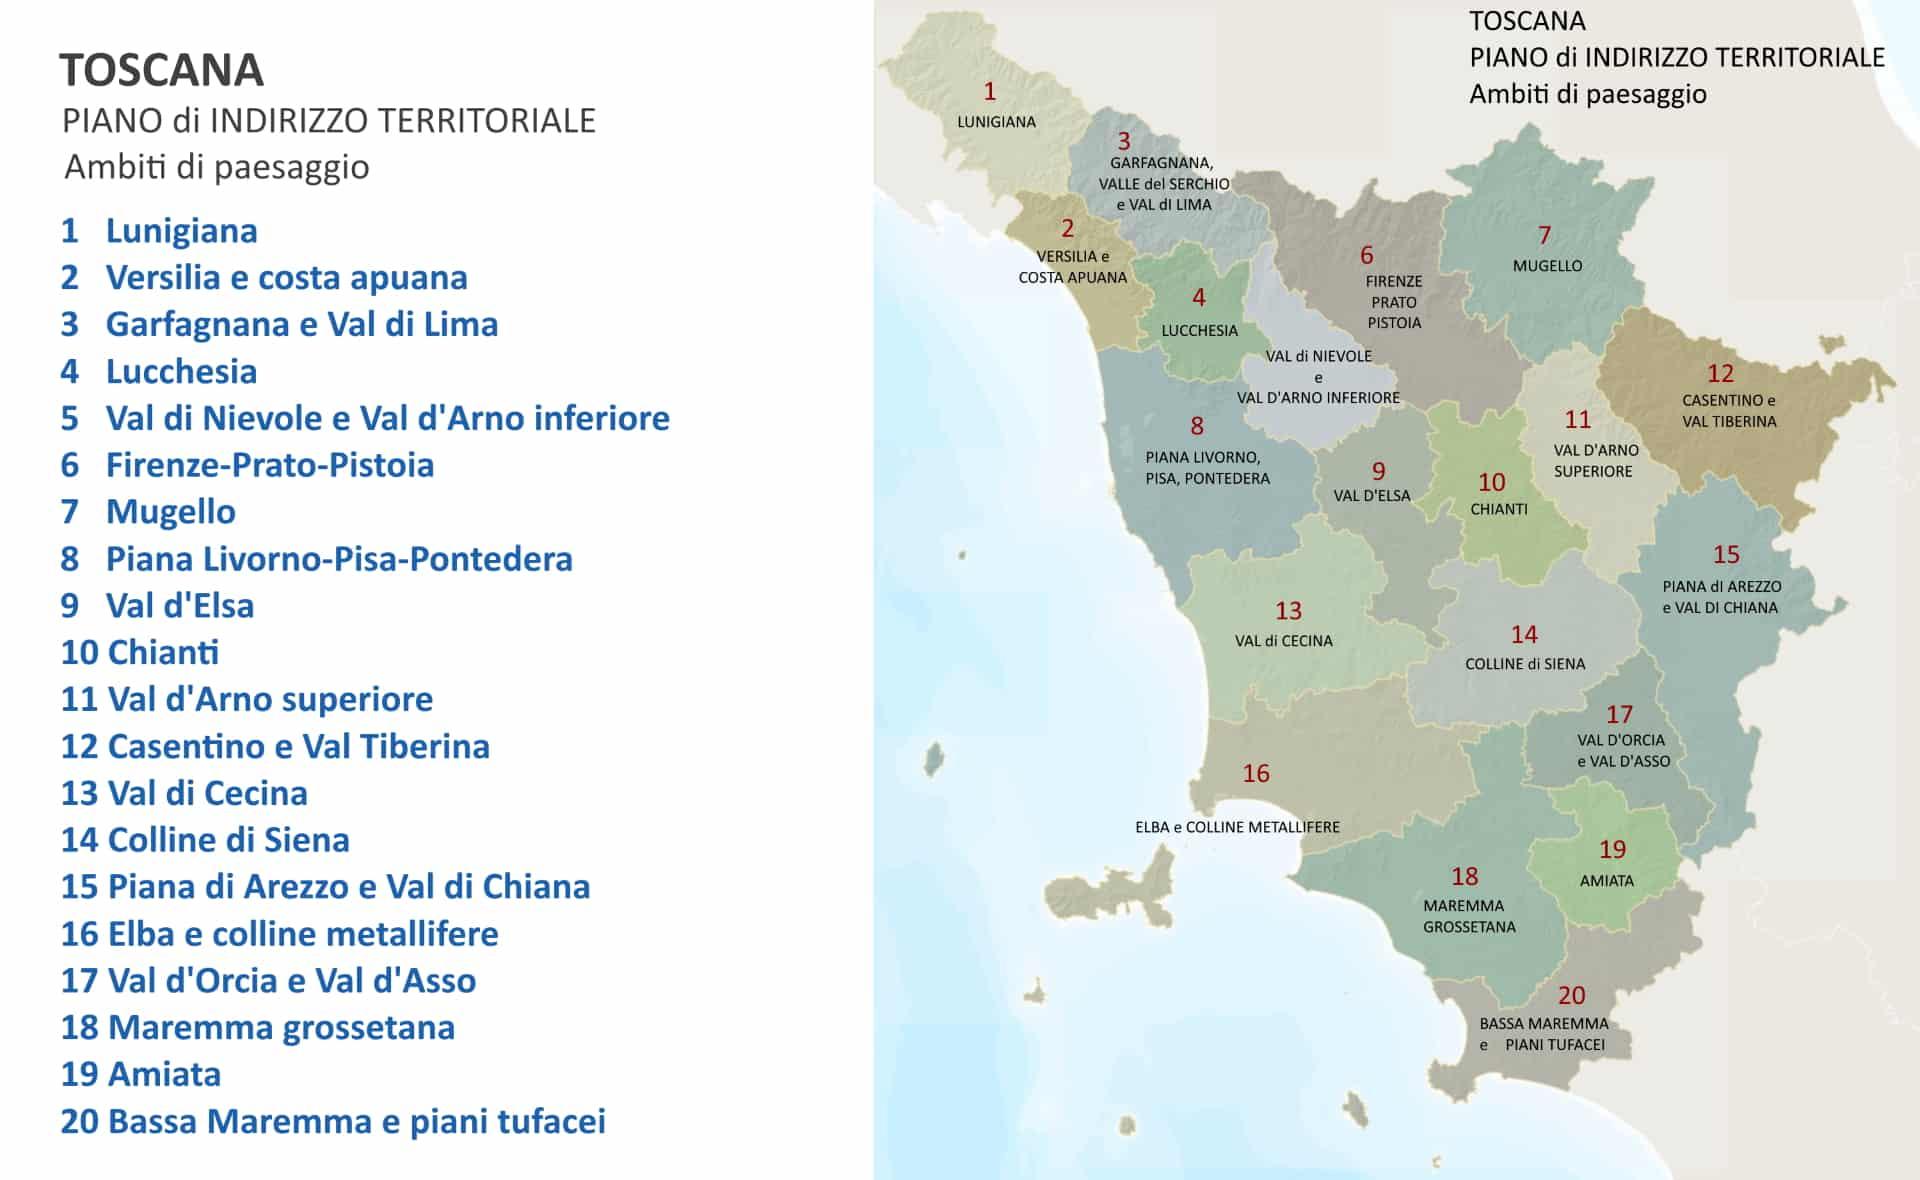 Toscana: ambiti di paesaggio